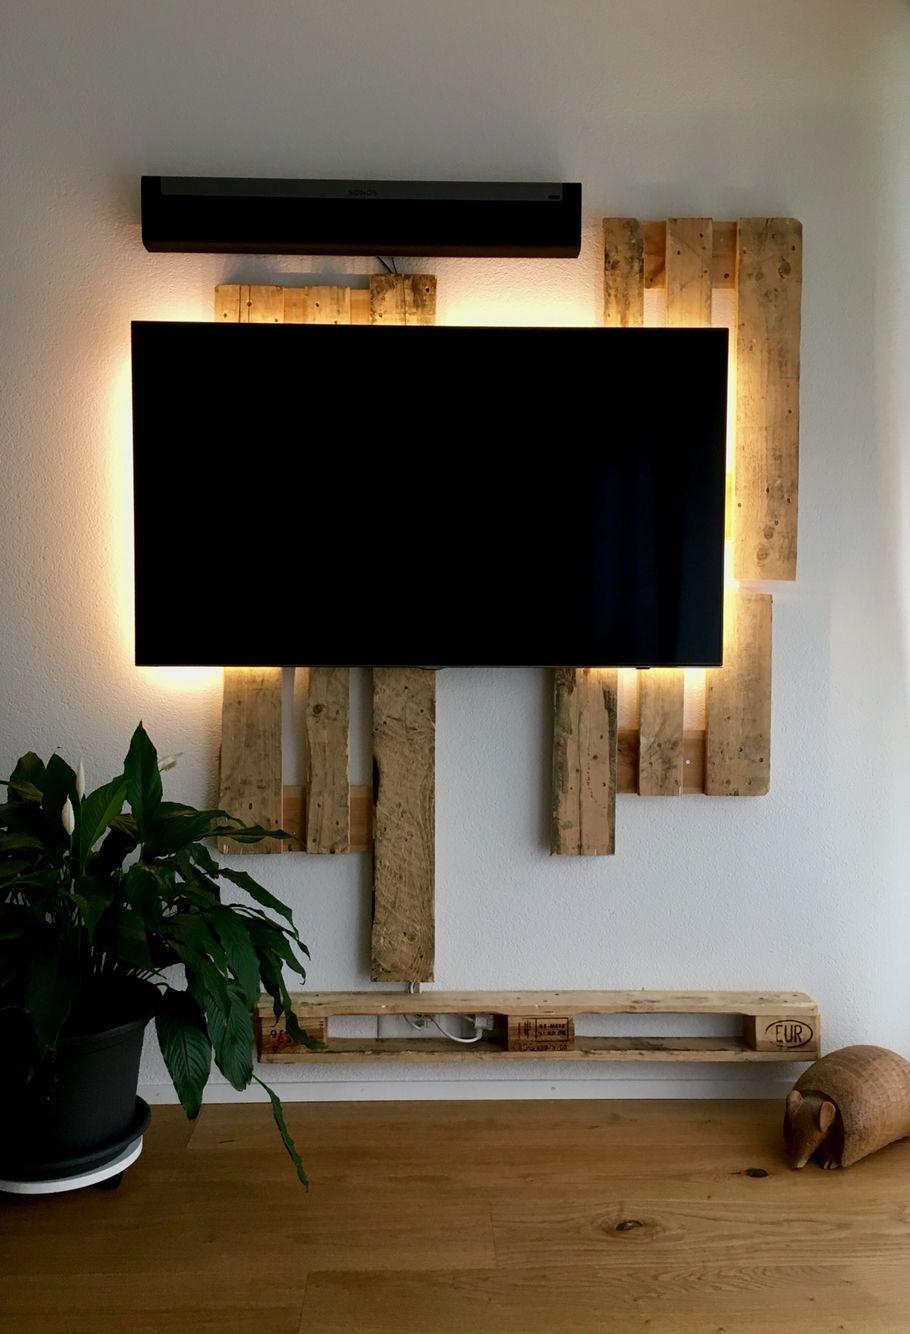 Tv Rckwand aus paletten und LED beleuchtung  Wohnung gestalten in 2019  Tv wand paletten Tv